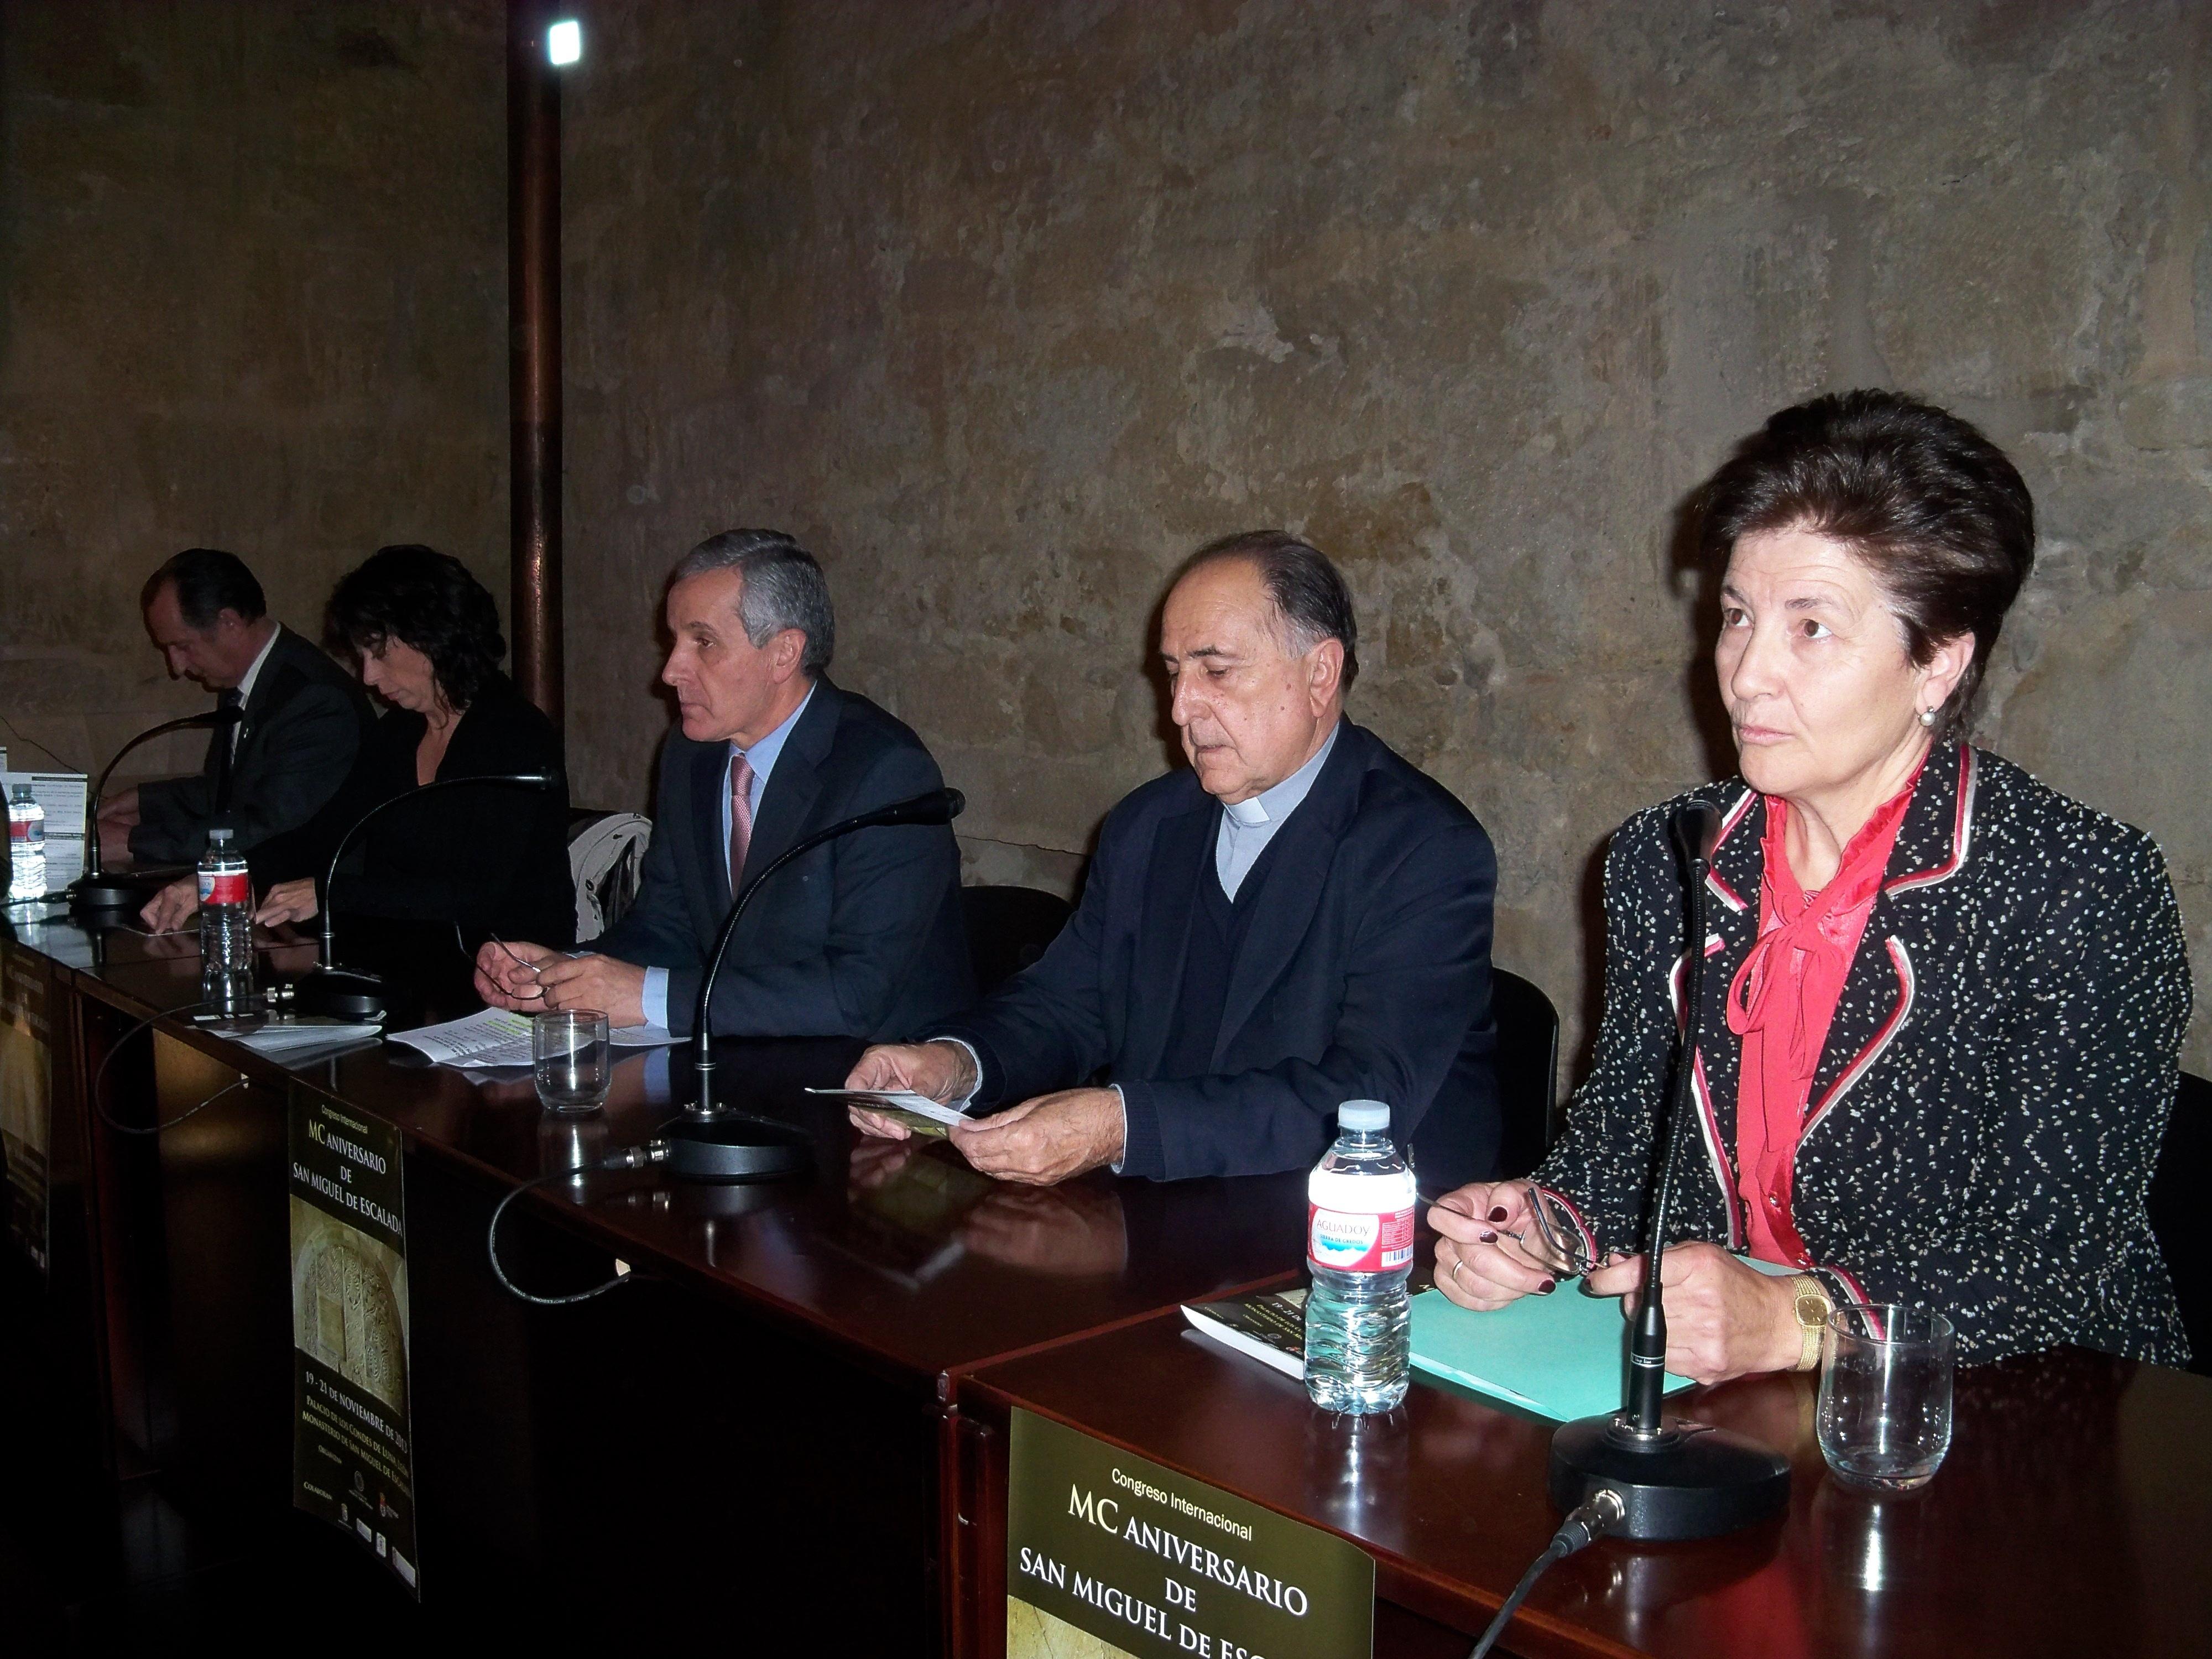 Un congreso analiza en León el MC aniversario del Monasterio de San Miguel de la Escalada hasta el jueves